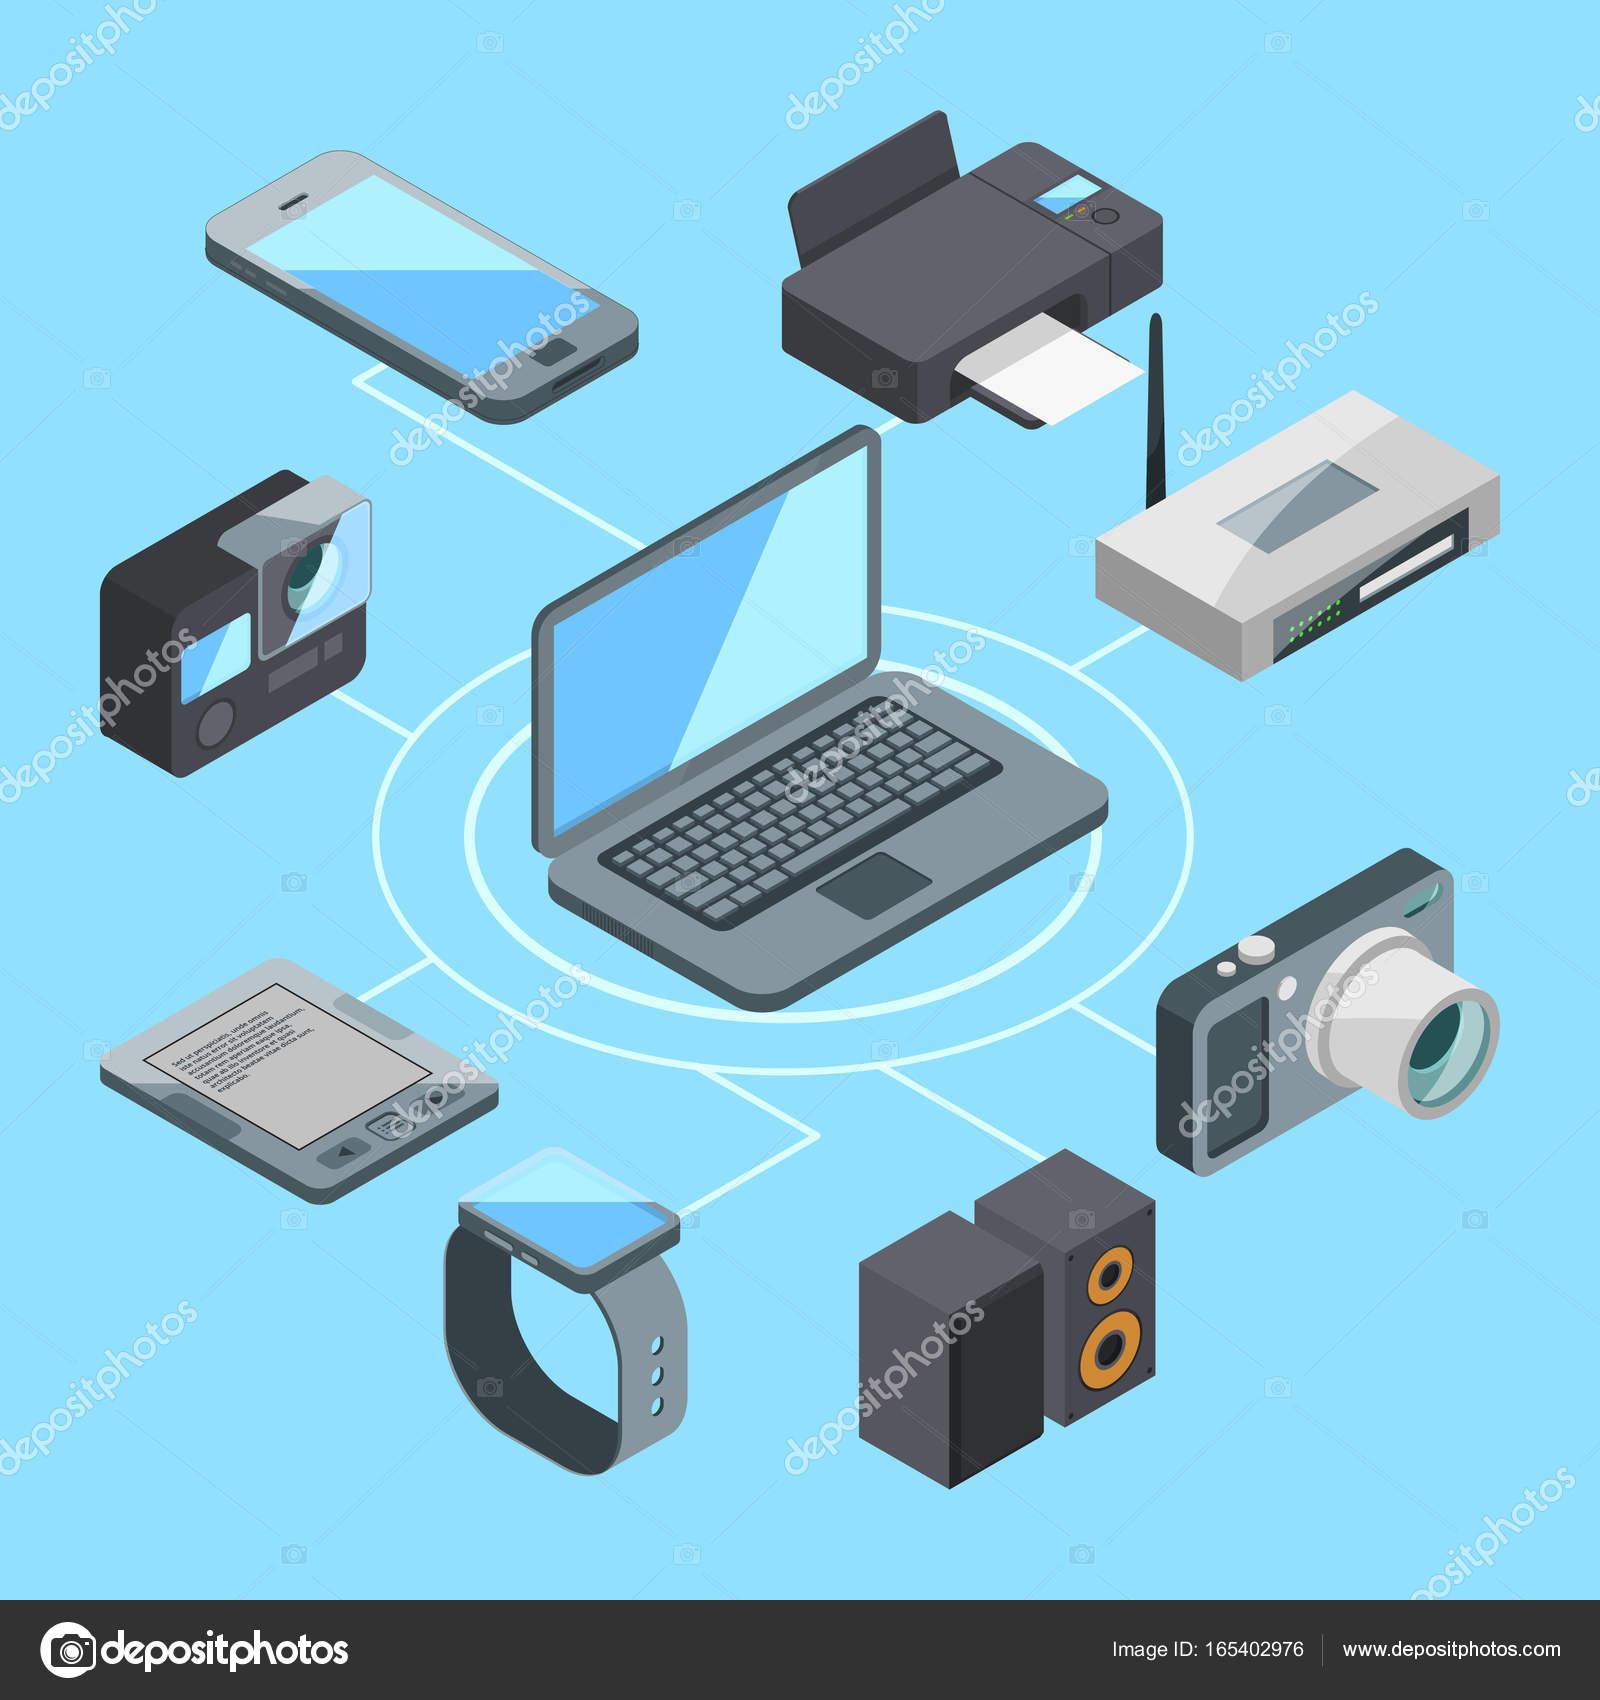 Wlan Oder Wifi Verbindung In Der Nhe Von Laptop Und Andere Computer Wireless Modem Diagram Gadgets Router Gadget Computerverbindung Vektor Illustration